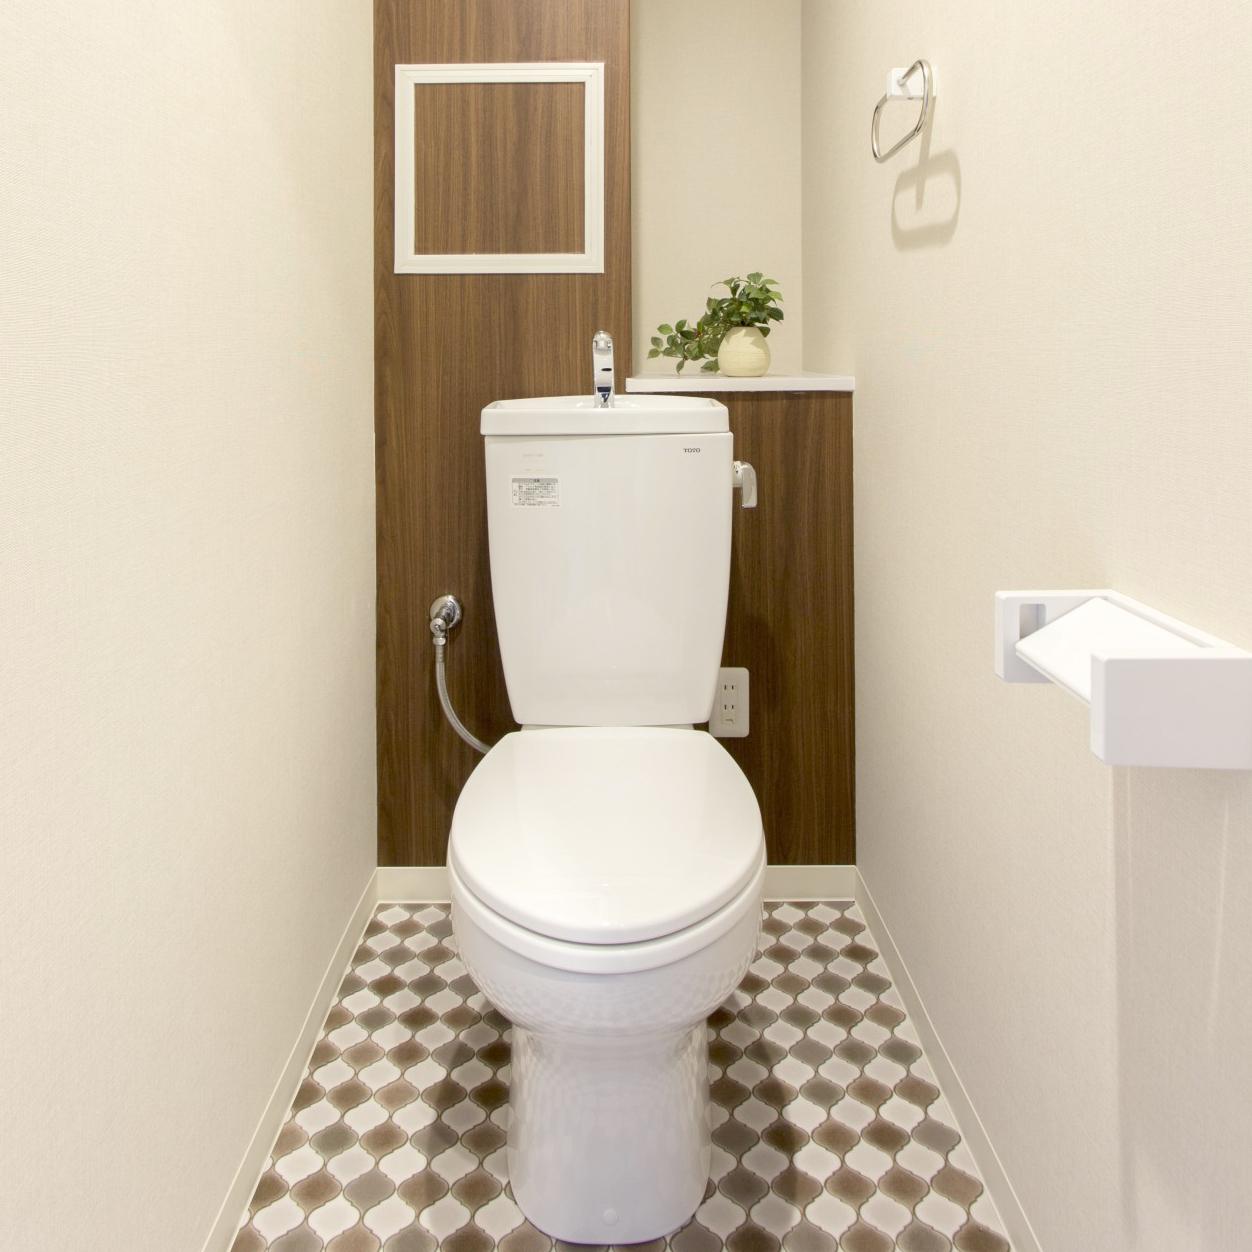 サンゲツの壁紙 トイレ の人気のおすすめや選び方 評判まとめも